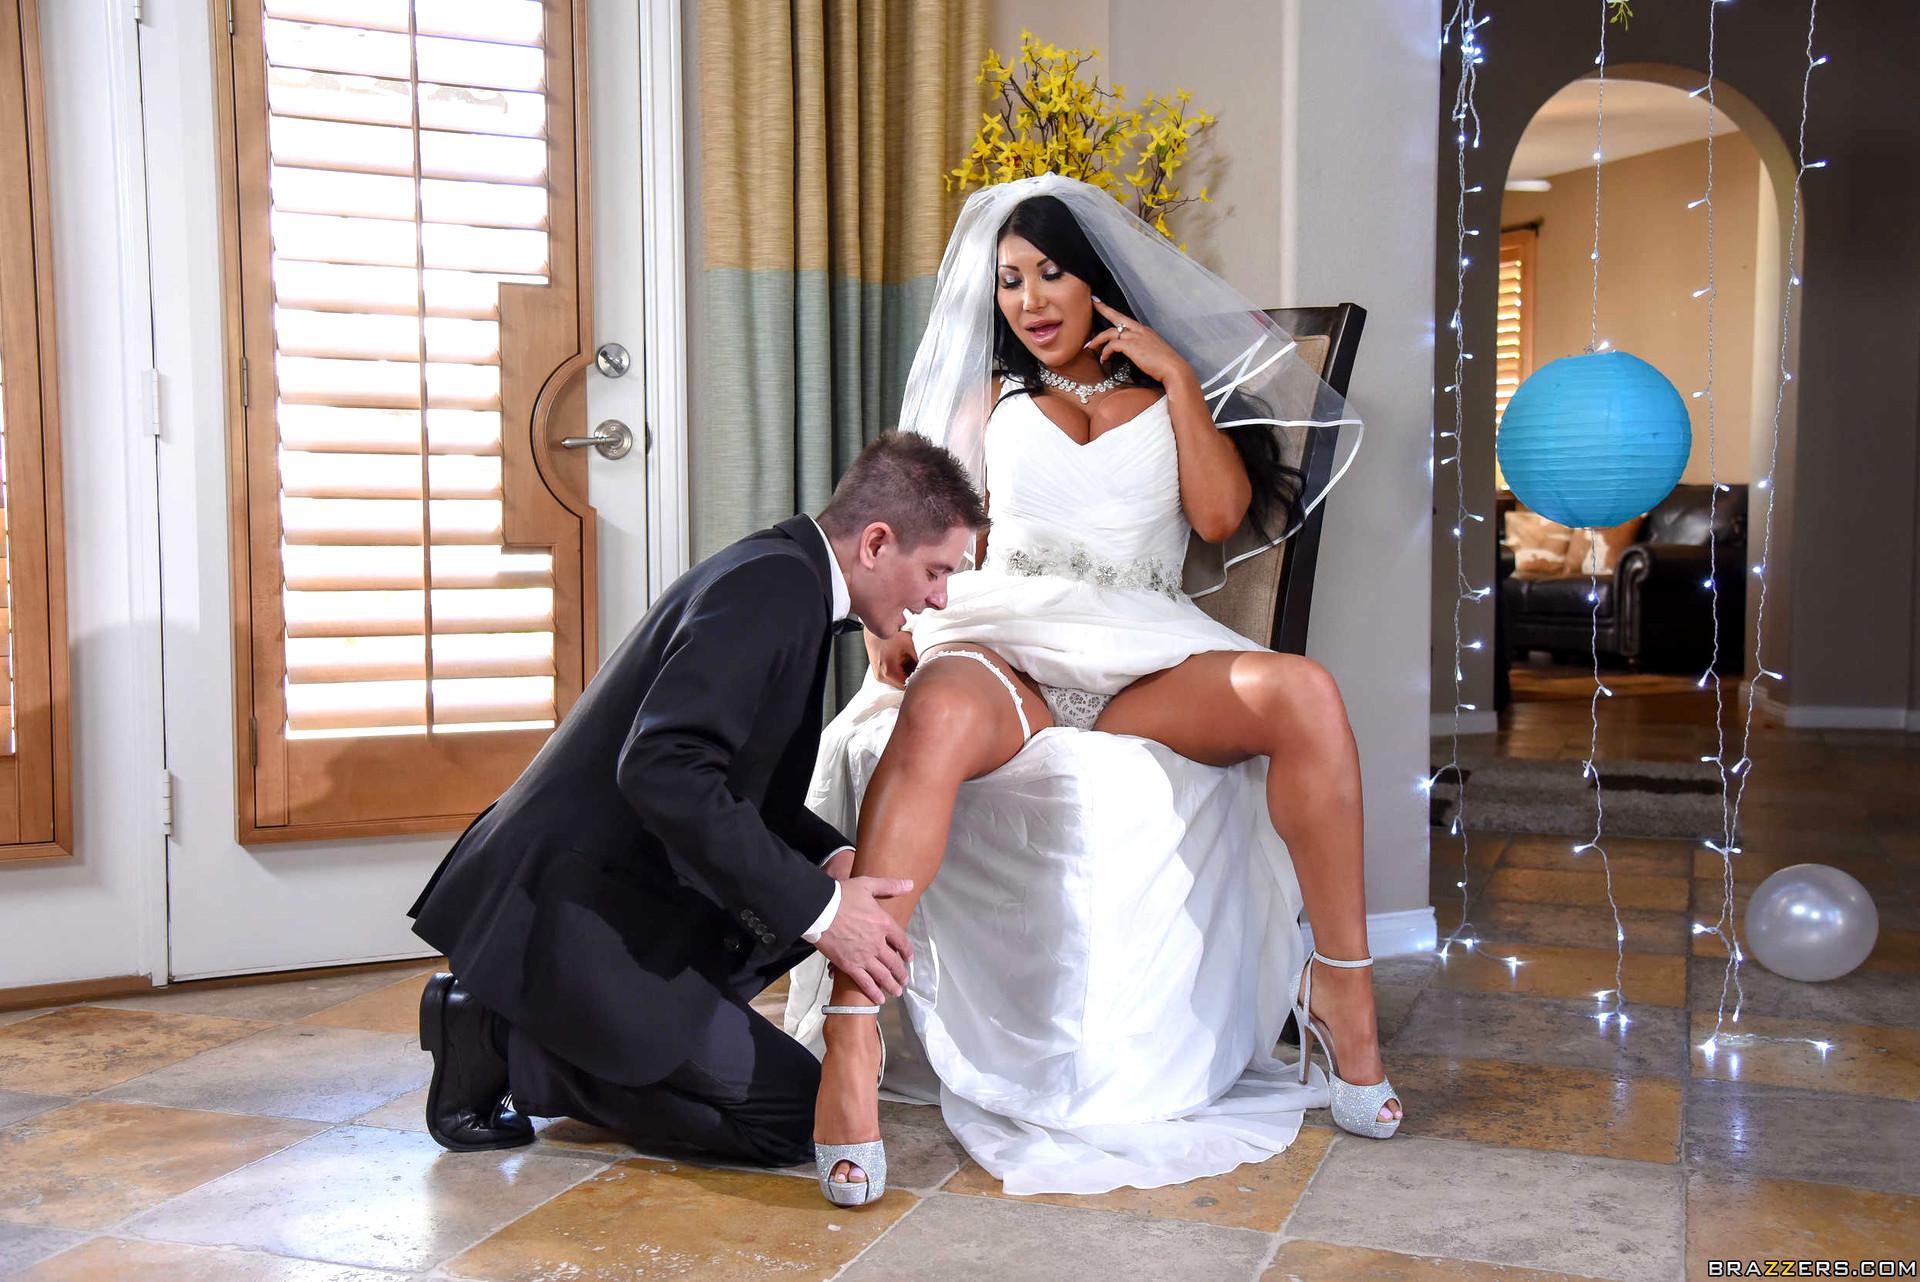 Personal photos porn wedding